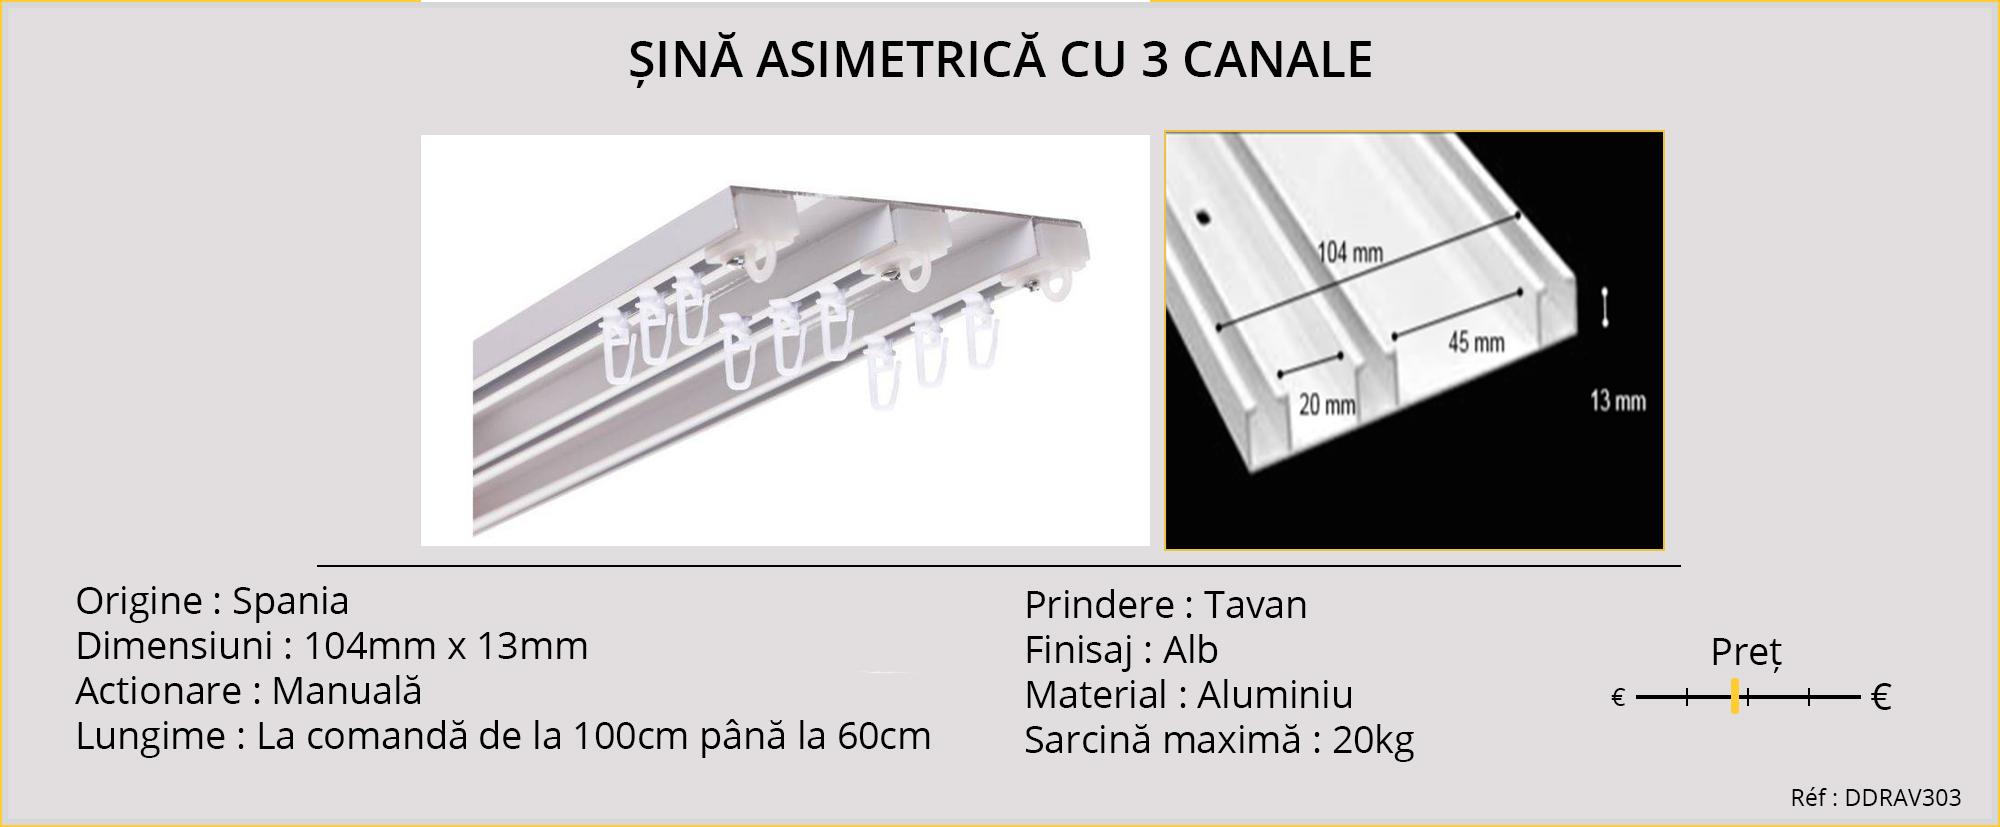 Sina asimetrica cu 3 canale, din Spania, actionare manuala, prindere in tavan, din aluminiu